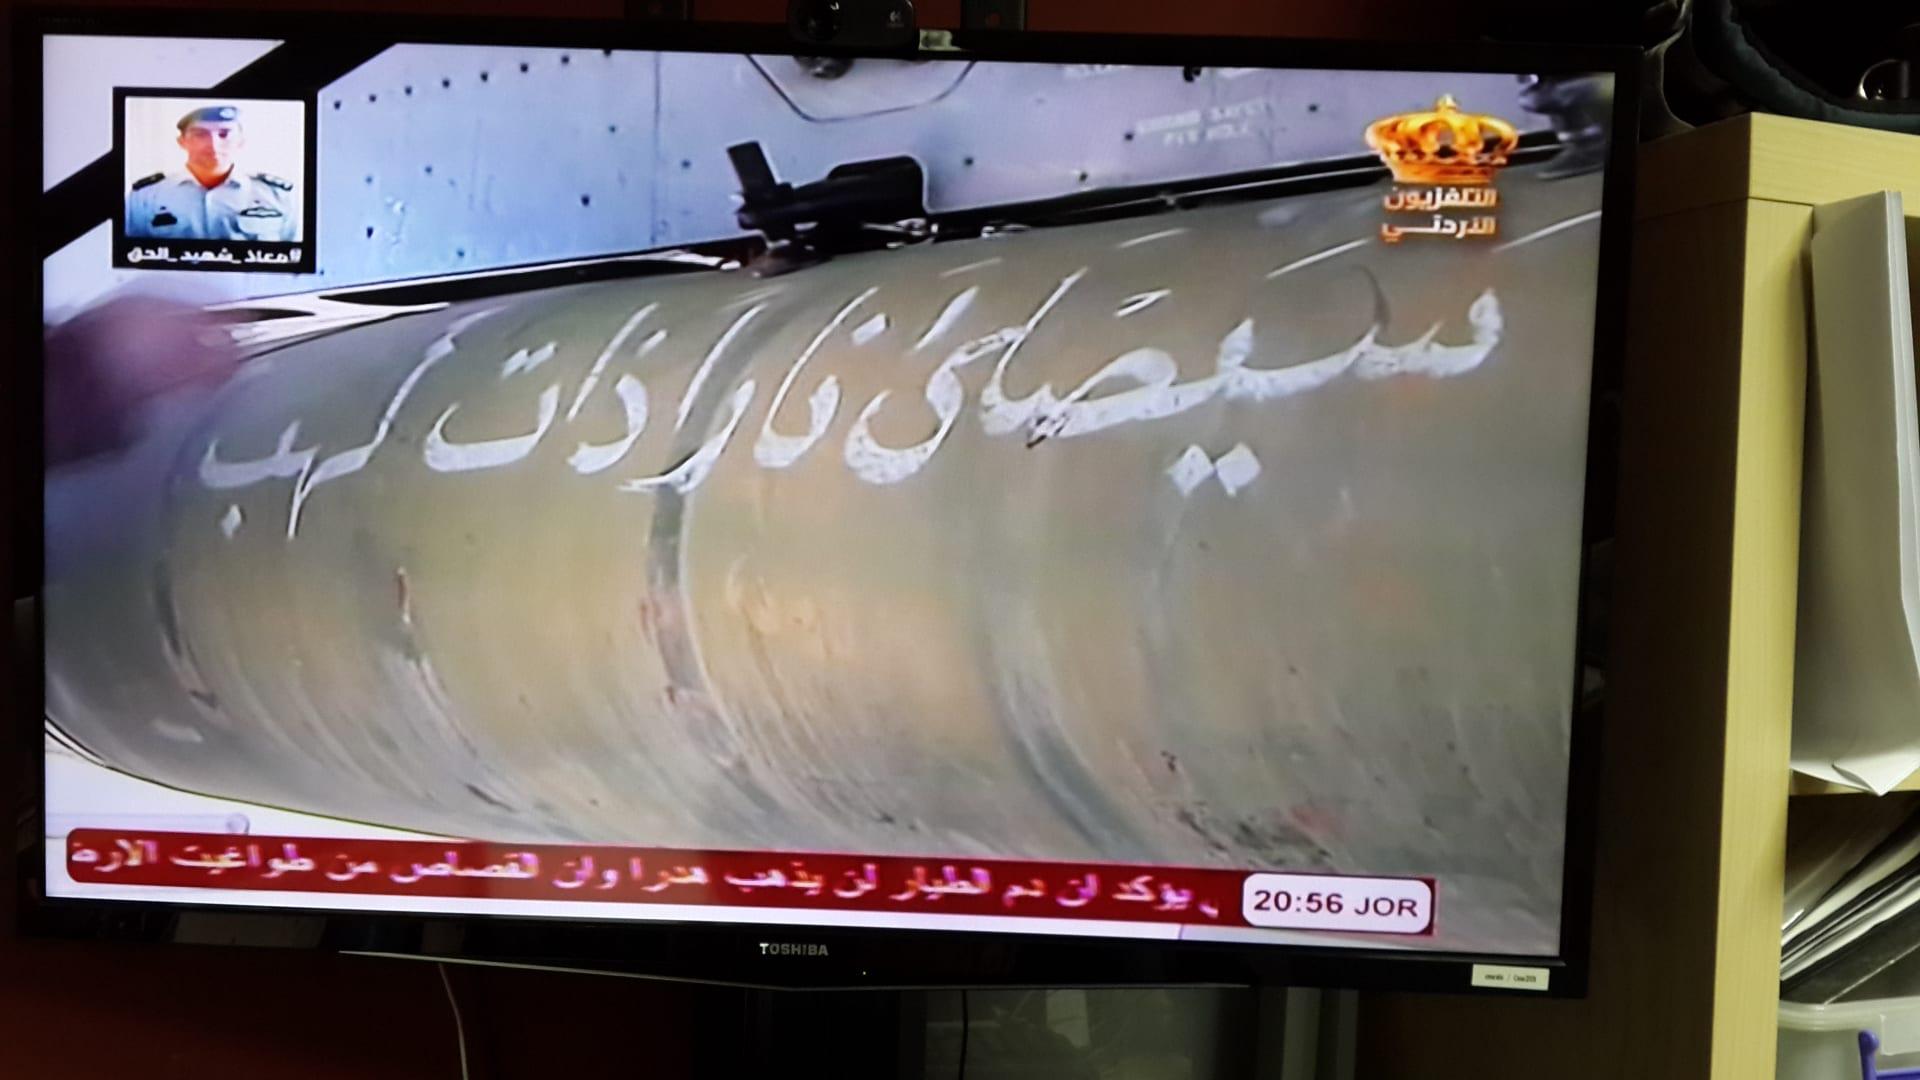 """الطيران الأردني يثأر من """"داعش"""" وبيان للجيش: هذه هي البداية وستعرفون من هم الأردنيون"""